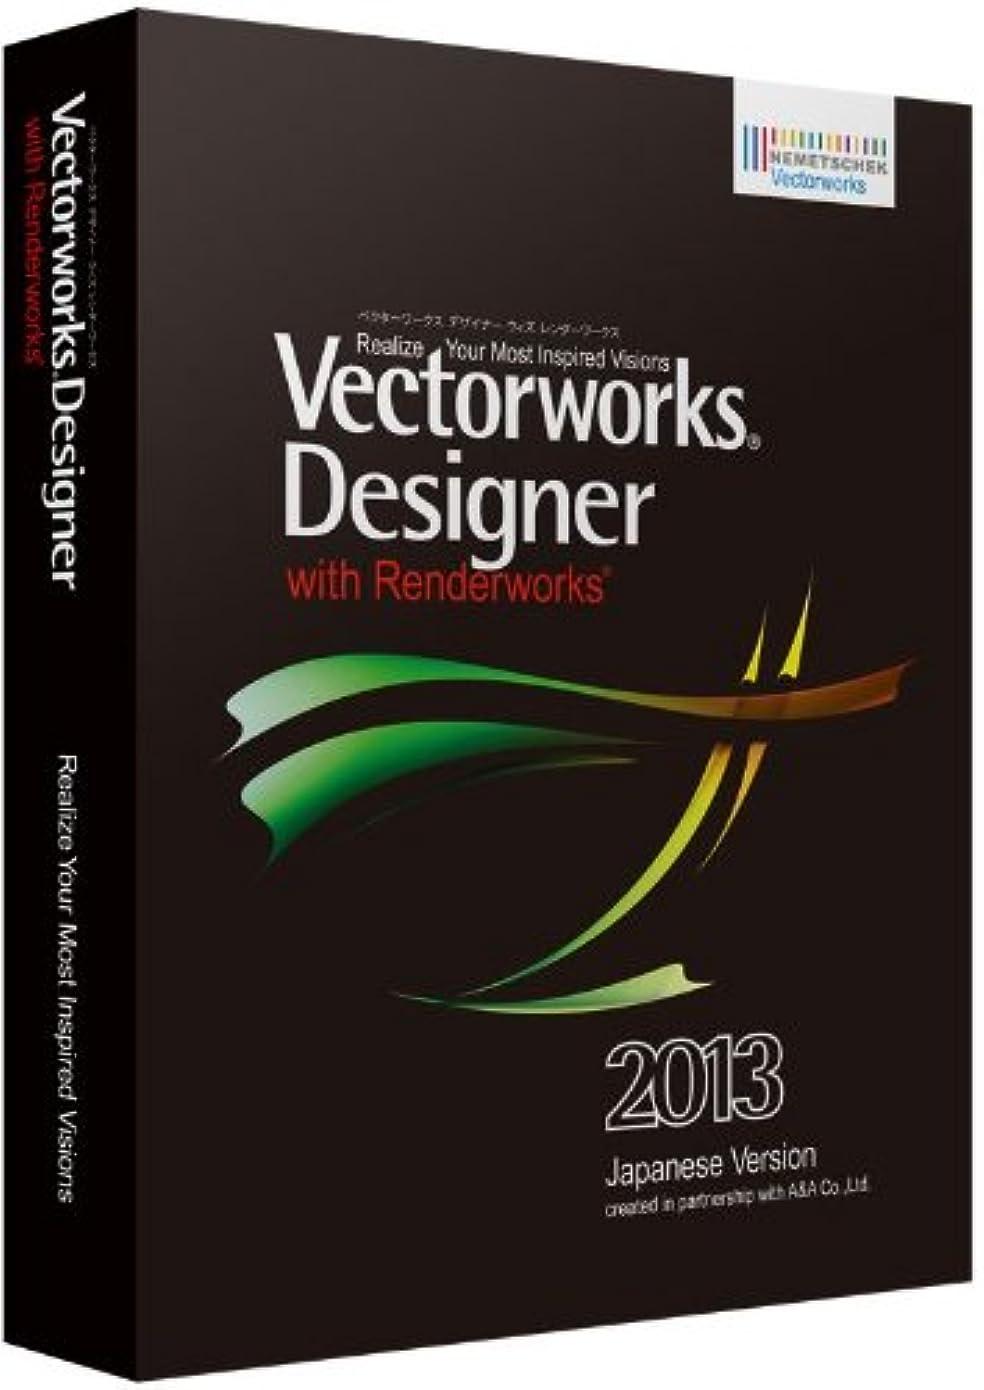 貞医薬品学習Vectorworks Designer with Renderworks 2013J スタンドアロン版 基本パッケージ